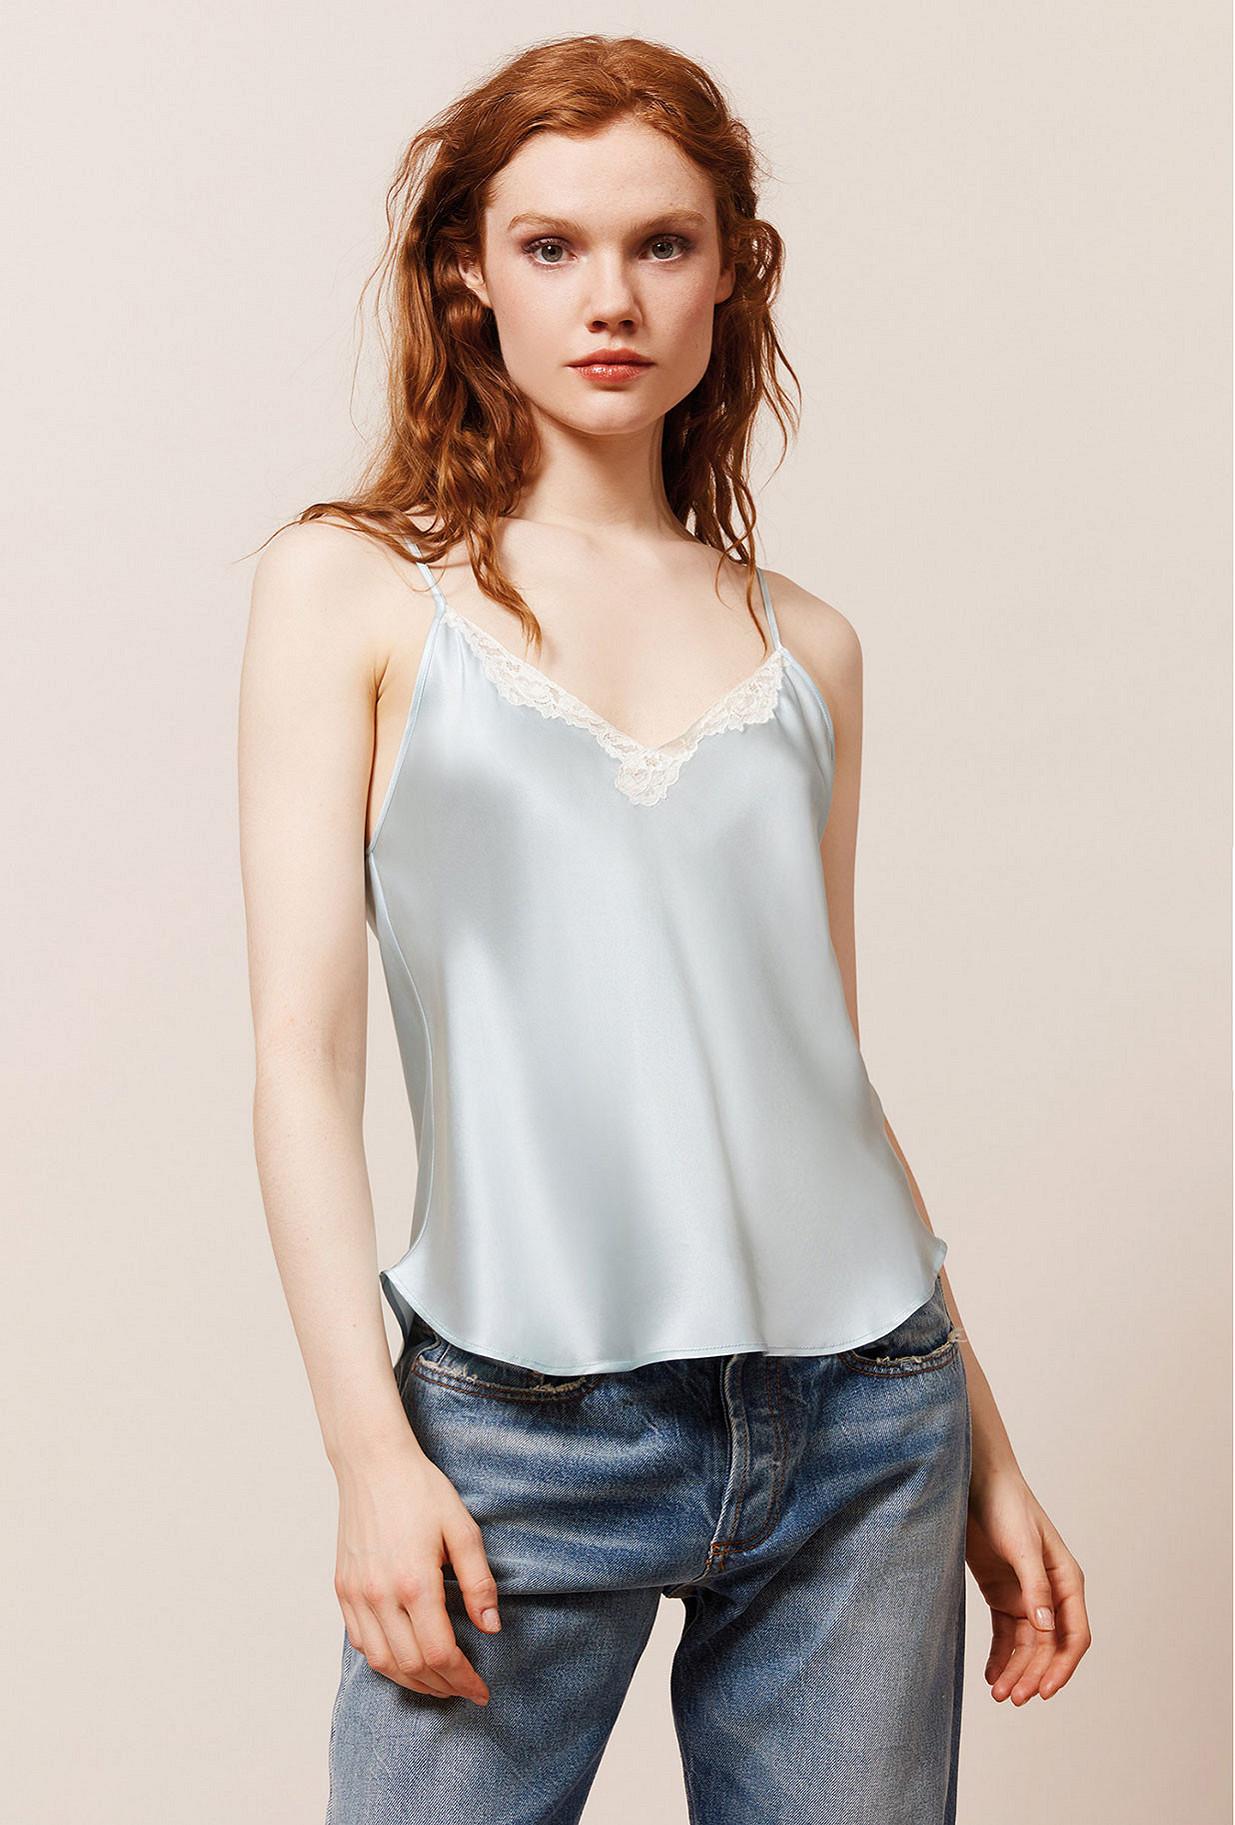 Paris clothes store Top Genette french designer fashion Paris